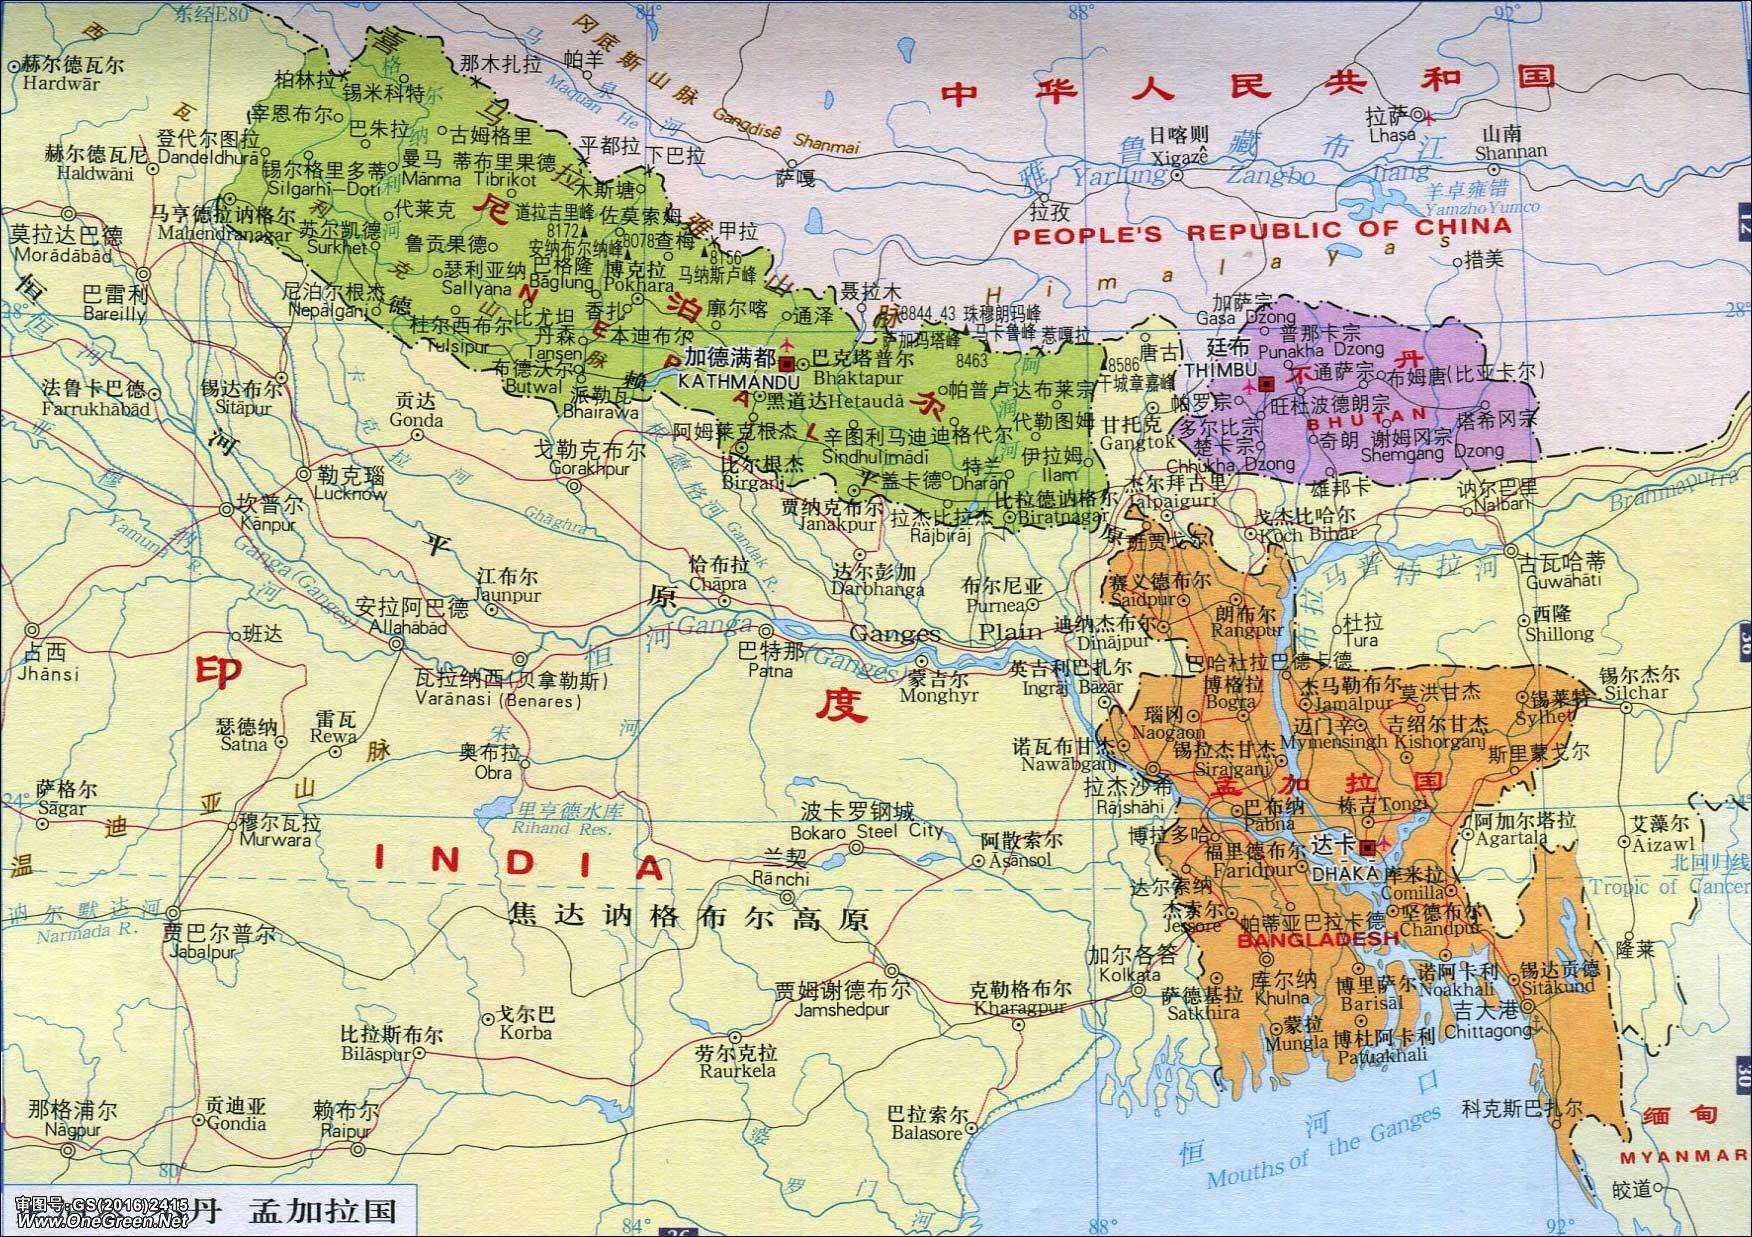 尼泊尔地图_尼泊尔地图中文版_尼泊尔地图库_地图窝